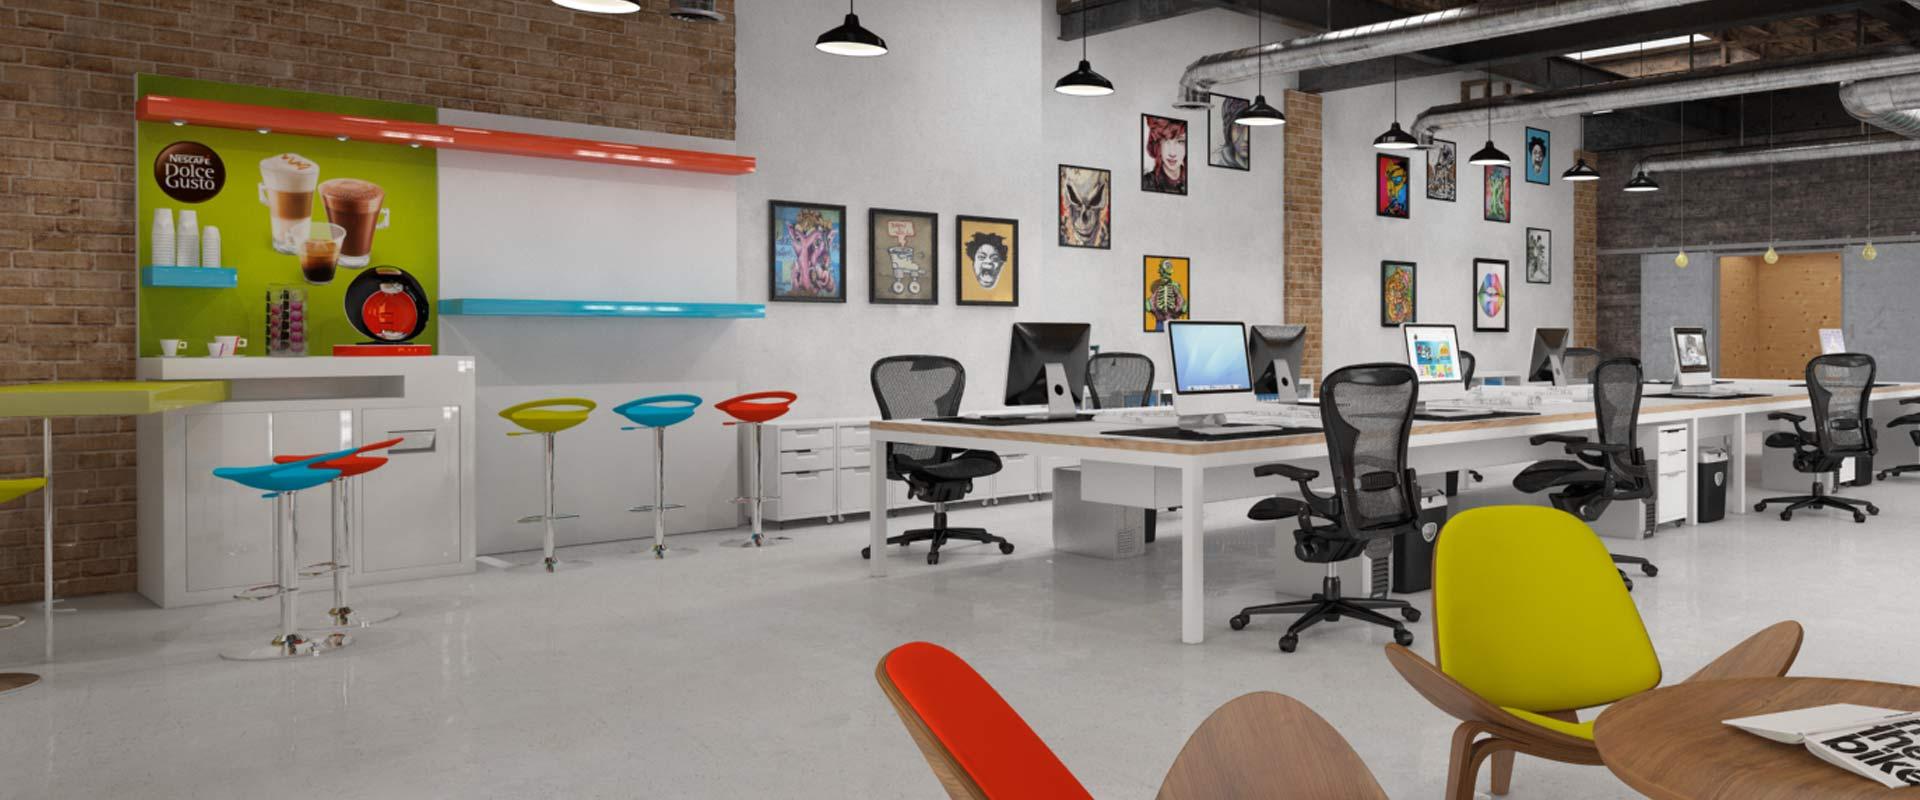 Dolcegusto Nescafé soluzione per uffici